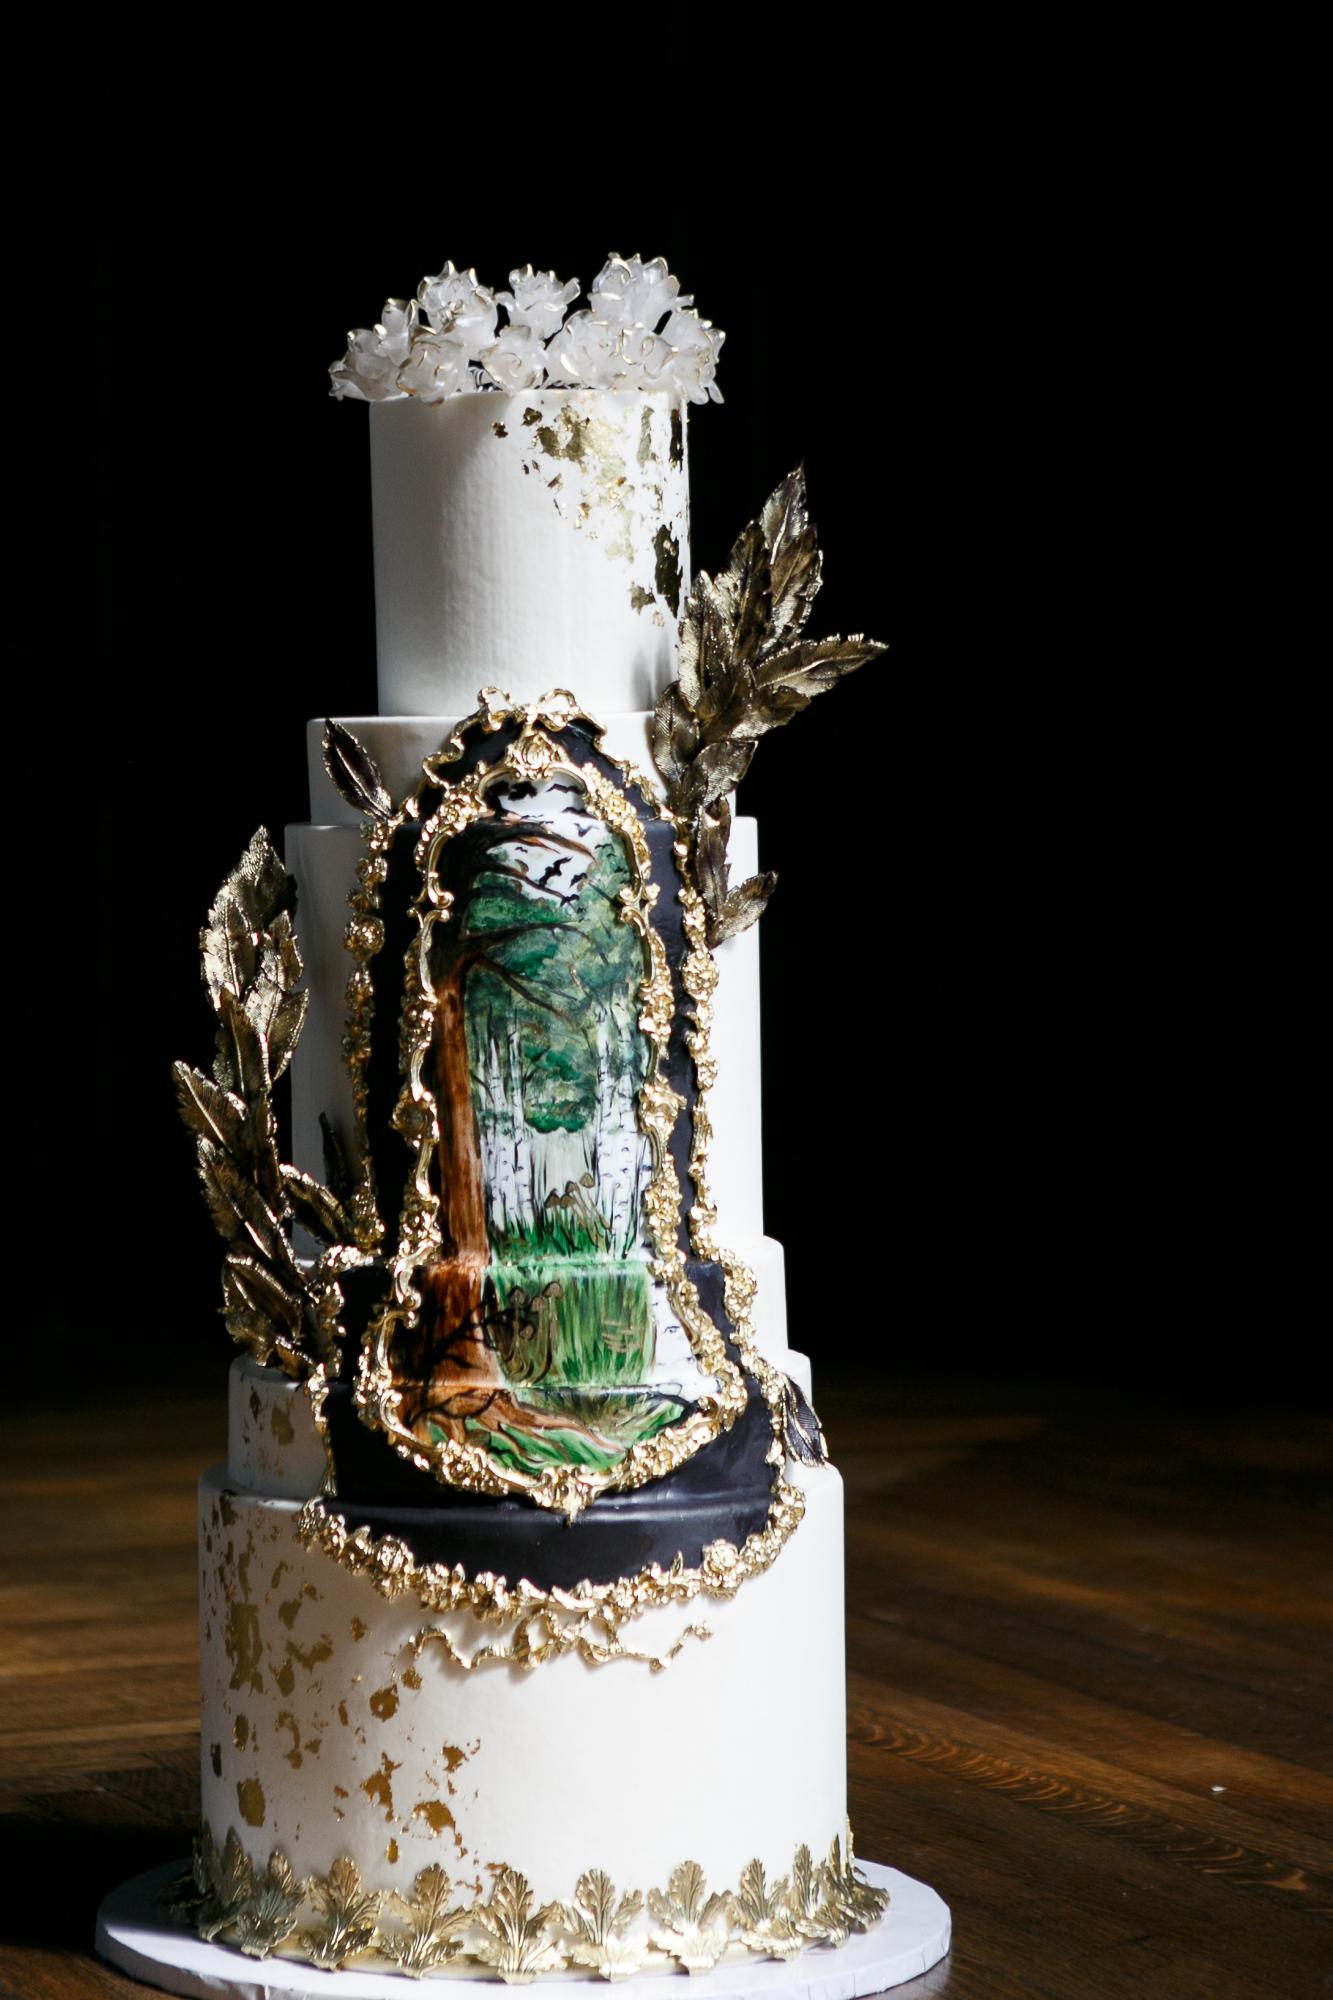 21 Woodland Wedding Cake Hand Painted Wedding Cake.jpg